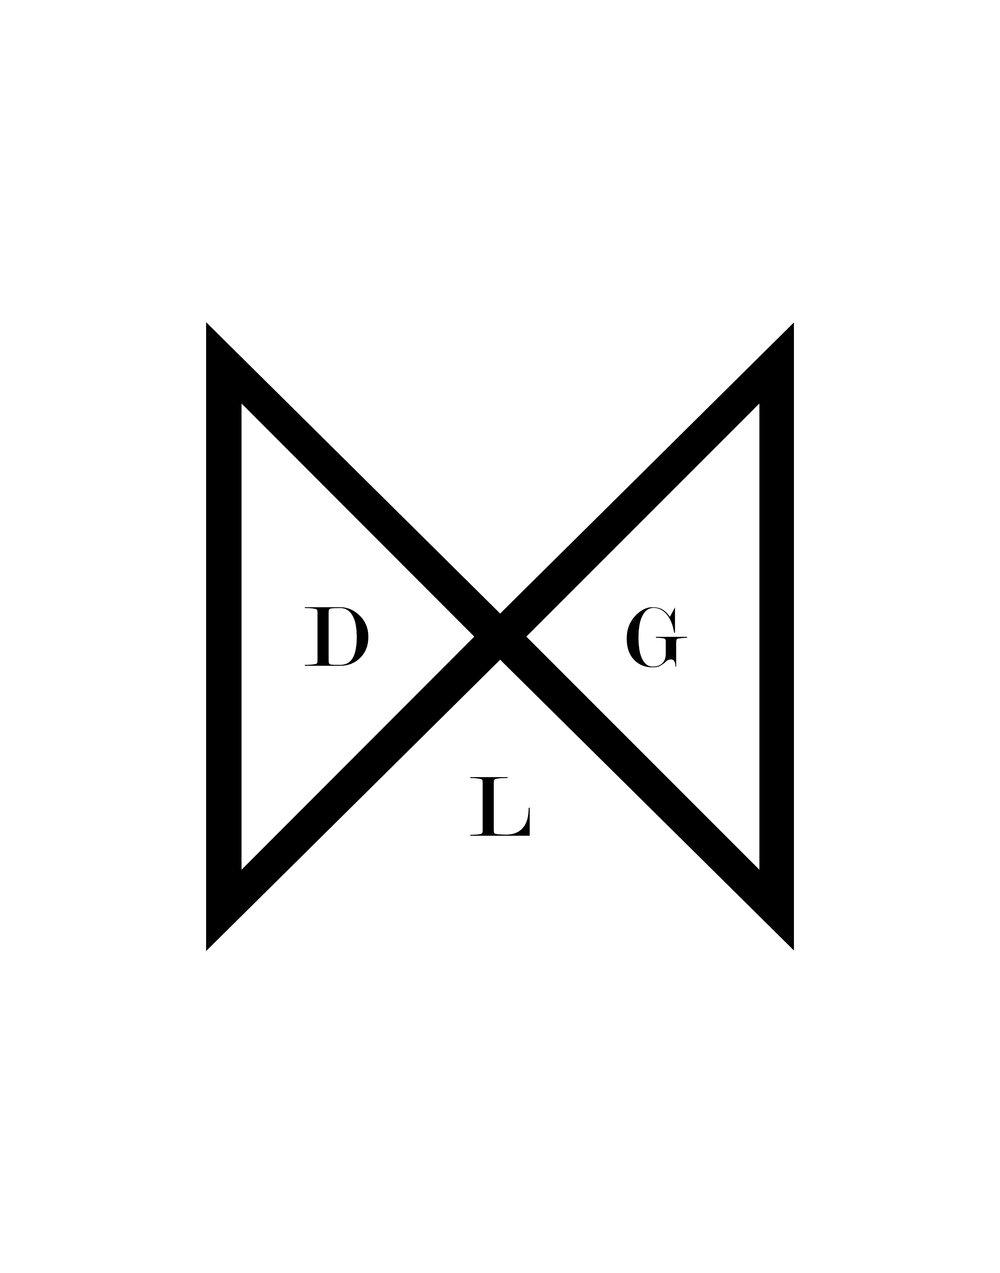 dagaz DGL.jpg